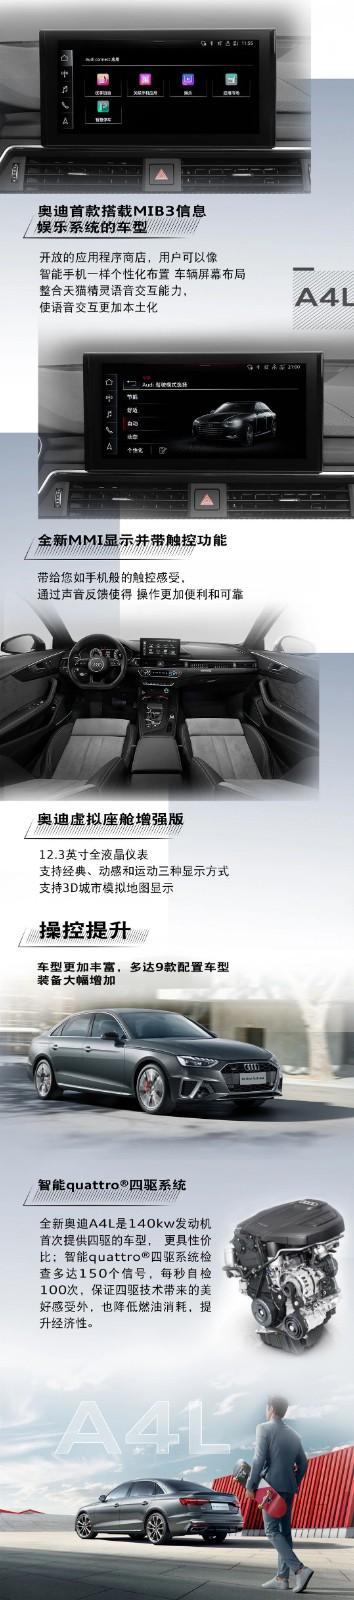 做更强大的自己-深圳鹏峰奥迪A4L上市品鉴会